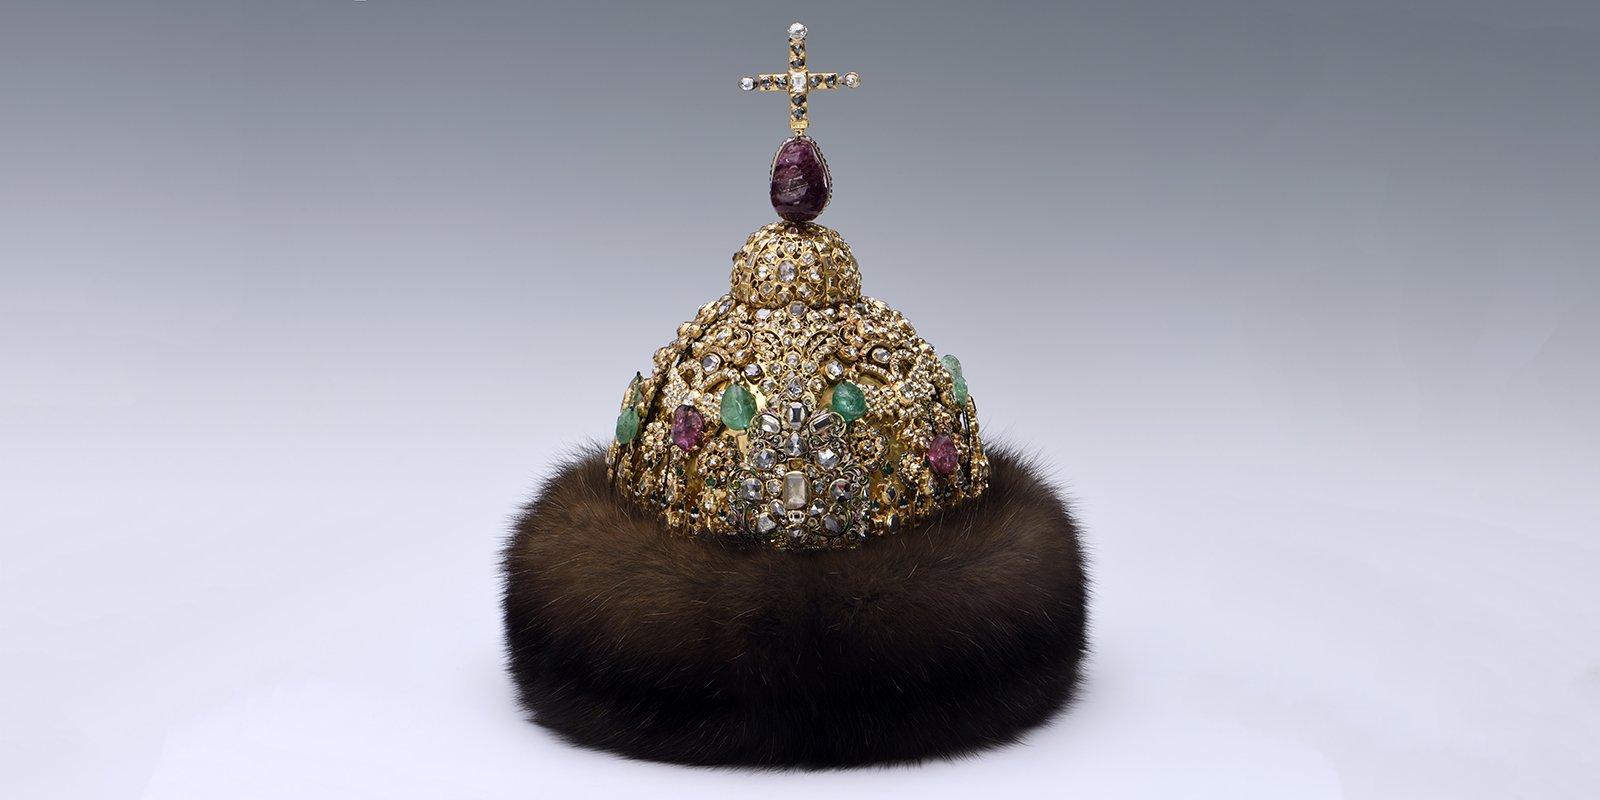 Алмазная шапка царя Петра Алексеевича. Мастерские Московского Кремля. 1680-е годы